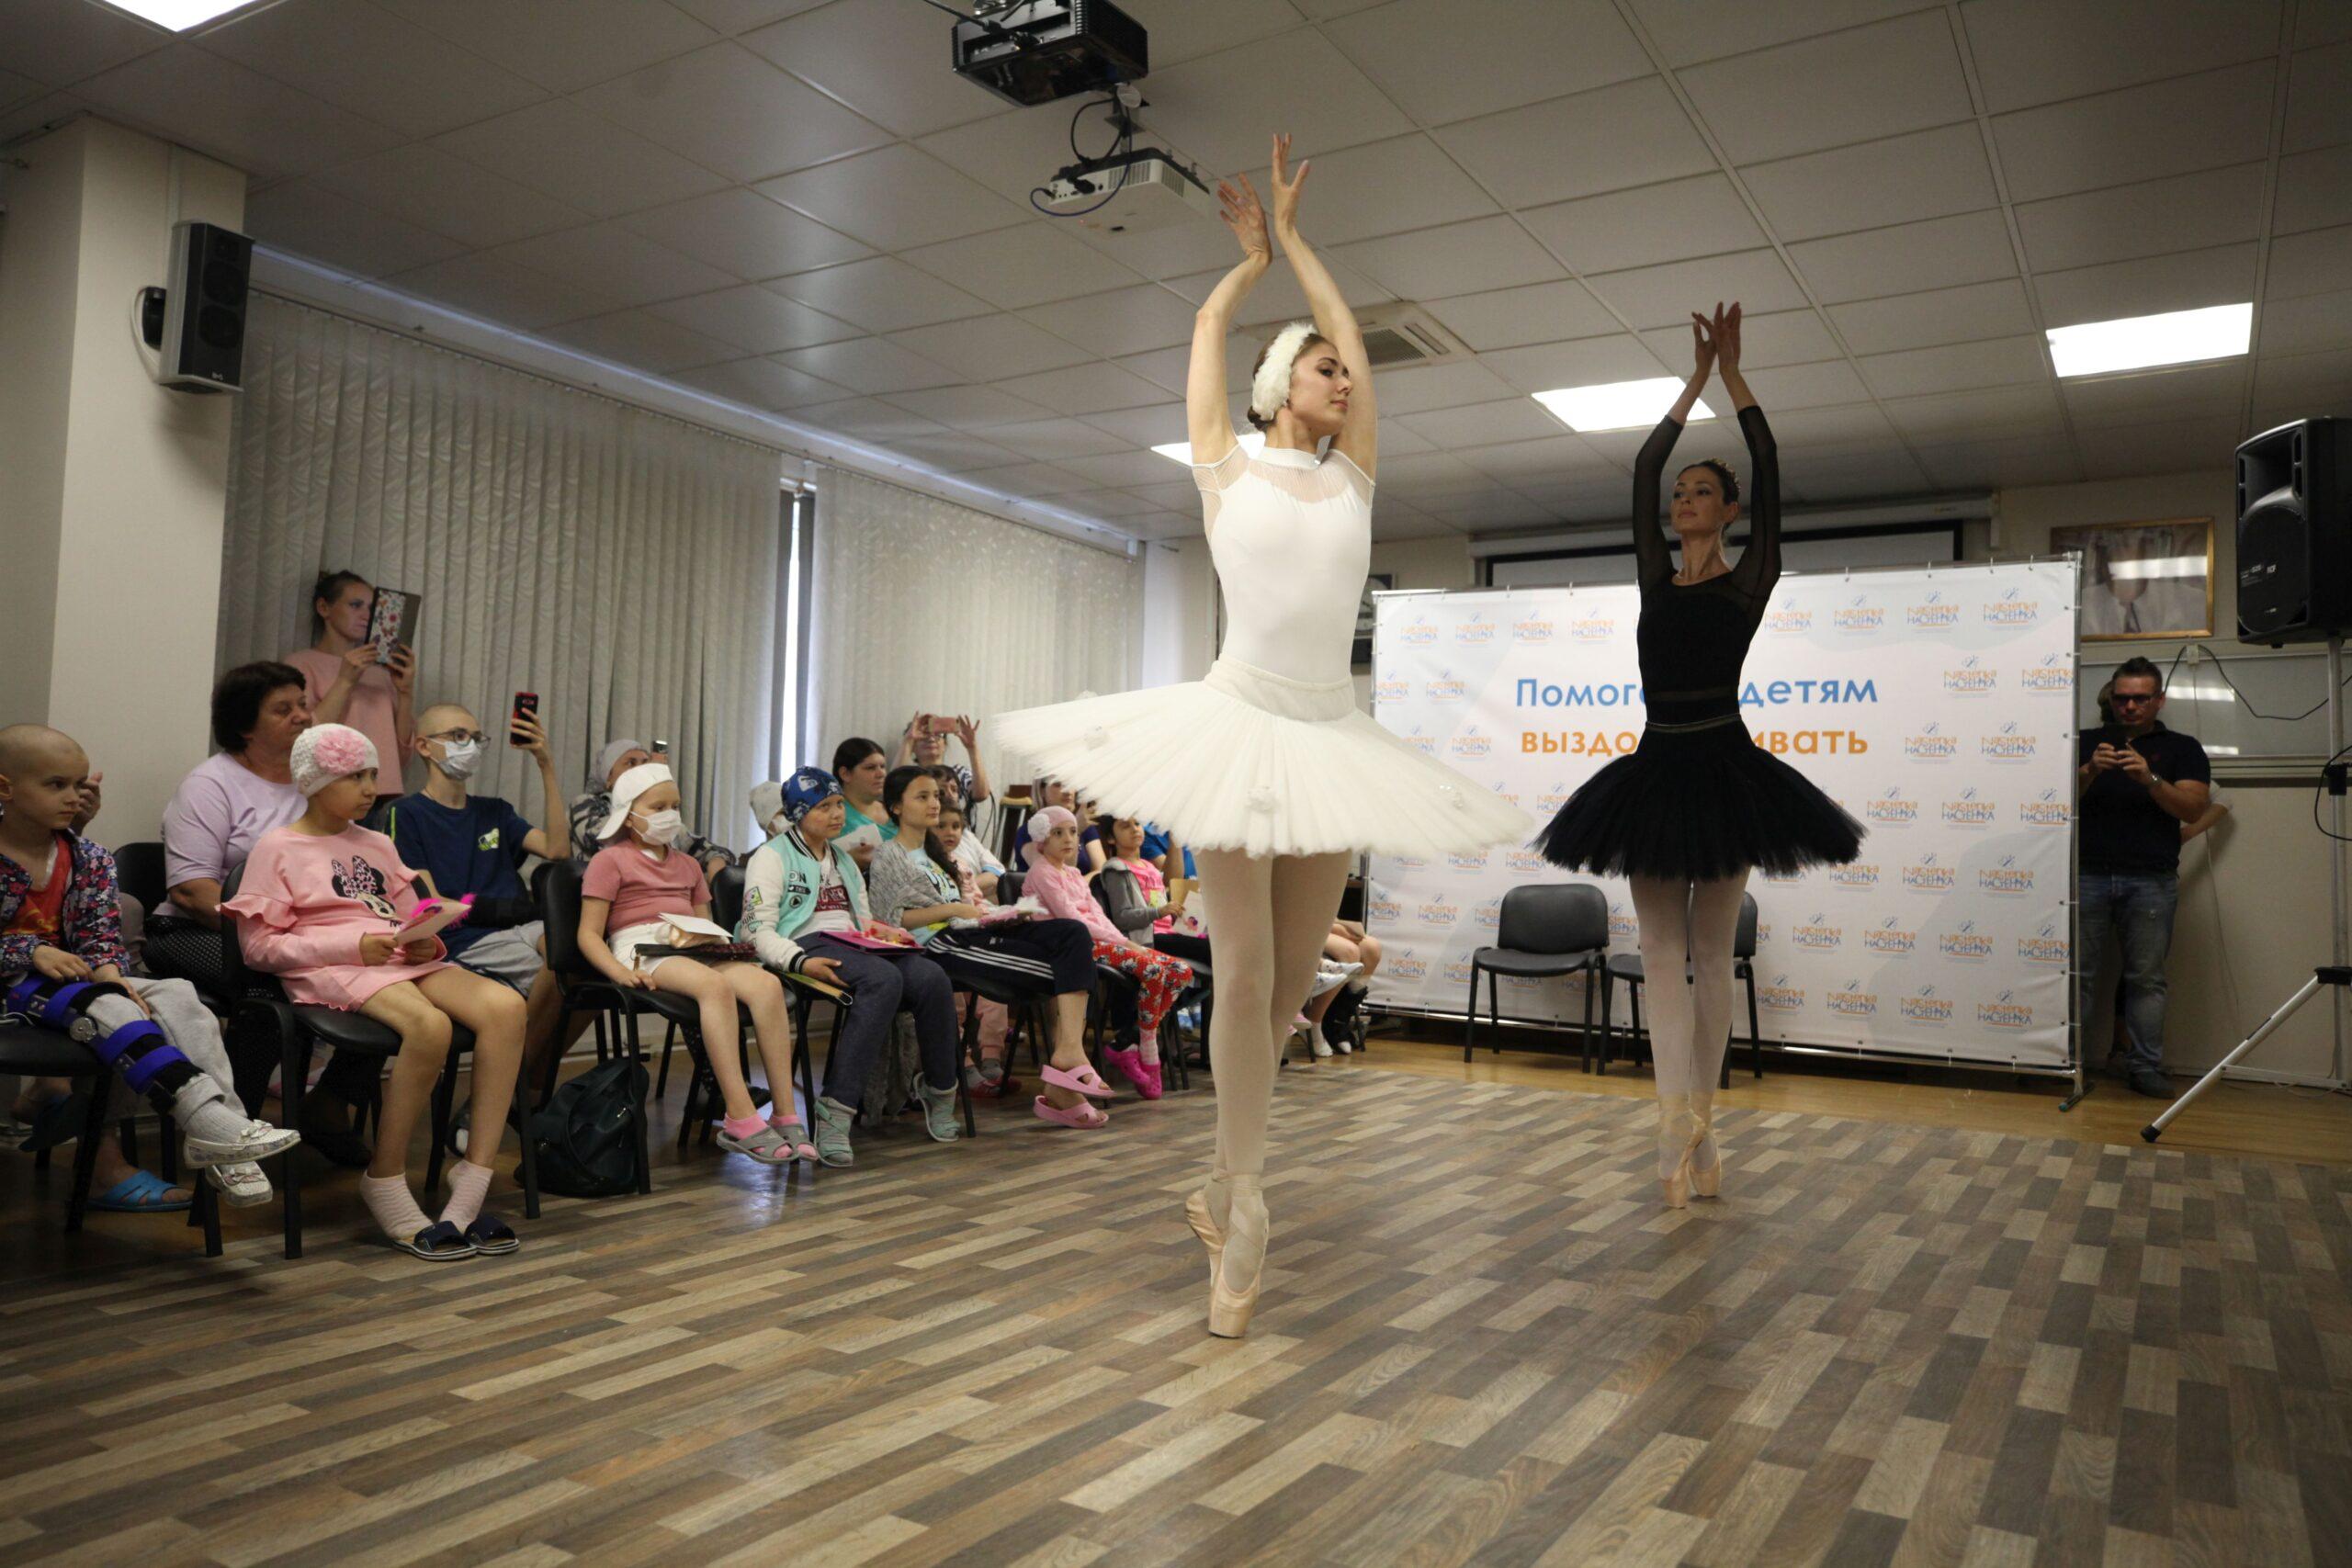 Вера Борисенкова: «Мечтаю увидеть пустой зал со скучающими врачами»